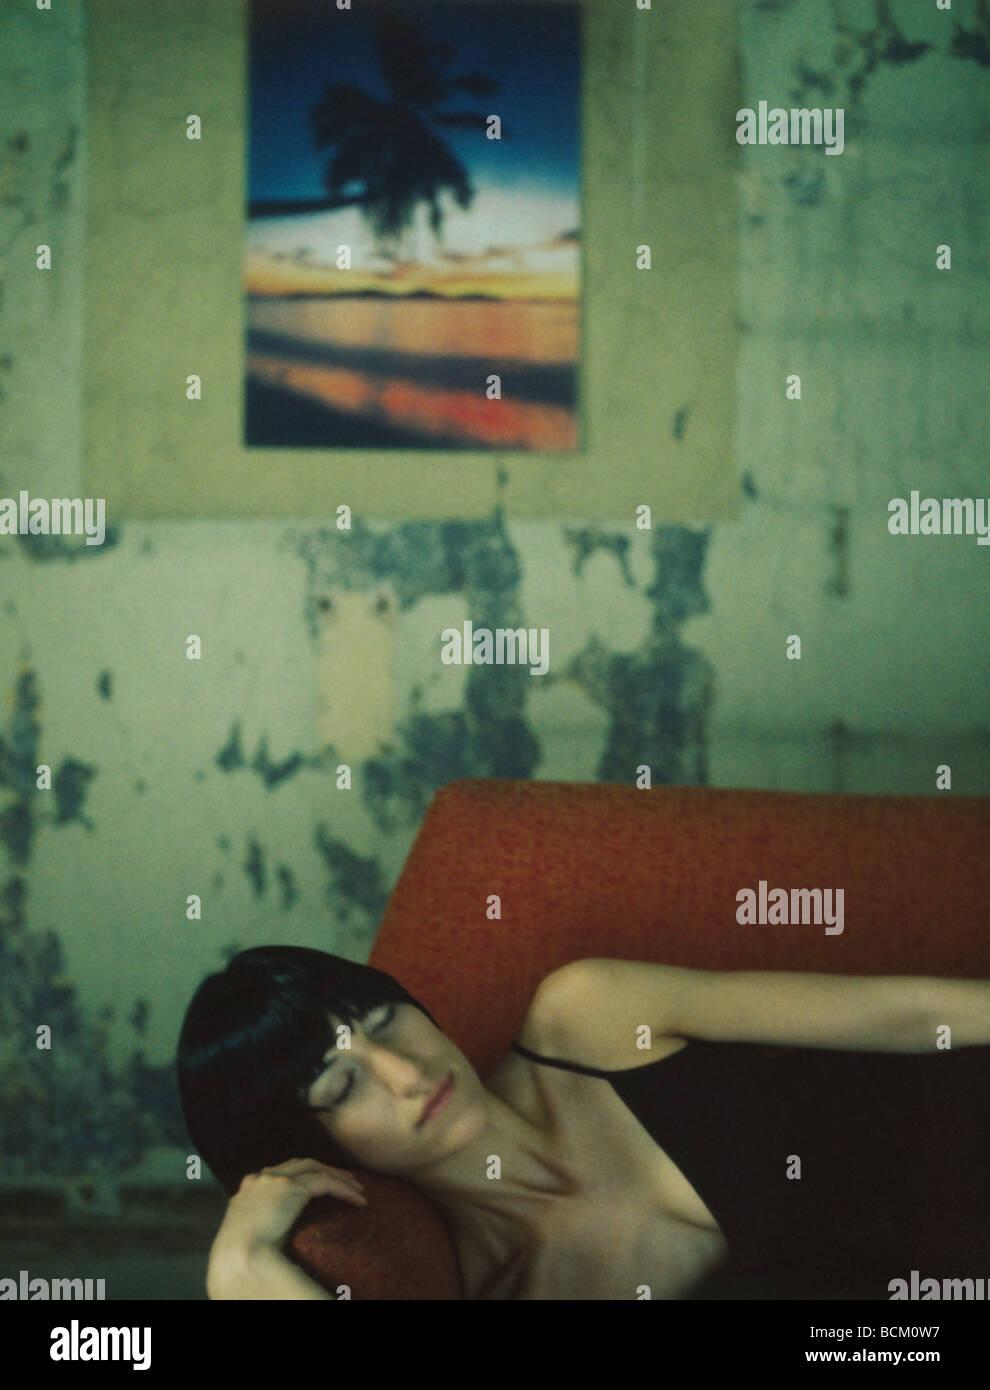 Frau auf Sofa liegend mit geschlossenen Augen, Farbfoto auf Wand im Hintergrund Stockbild